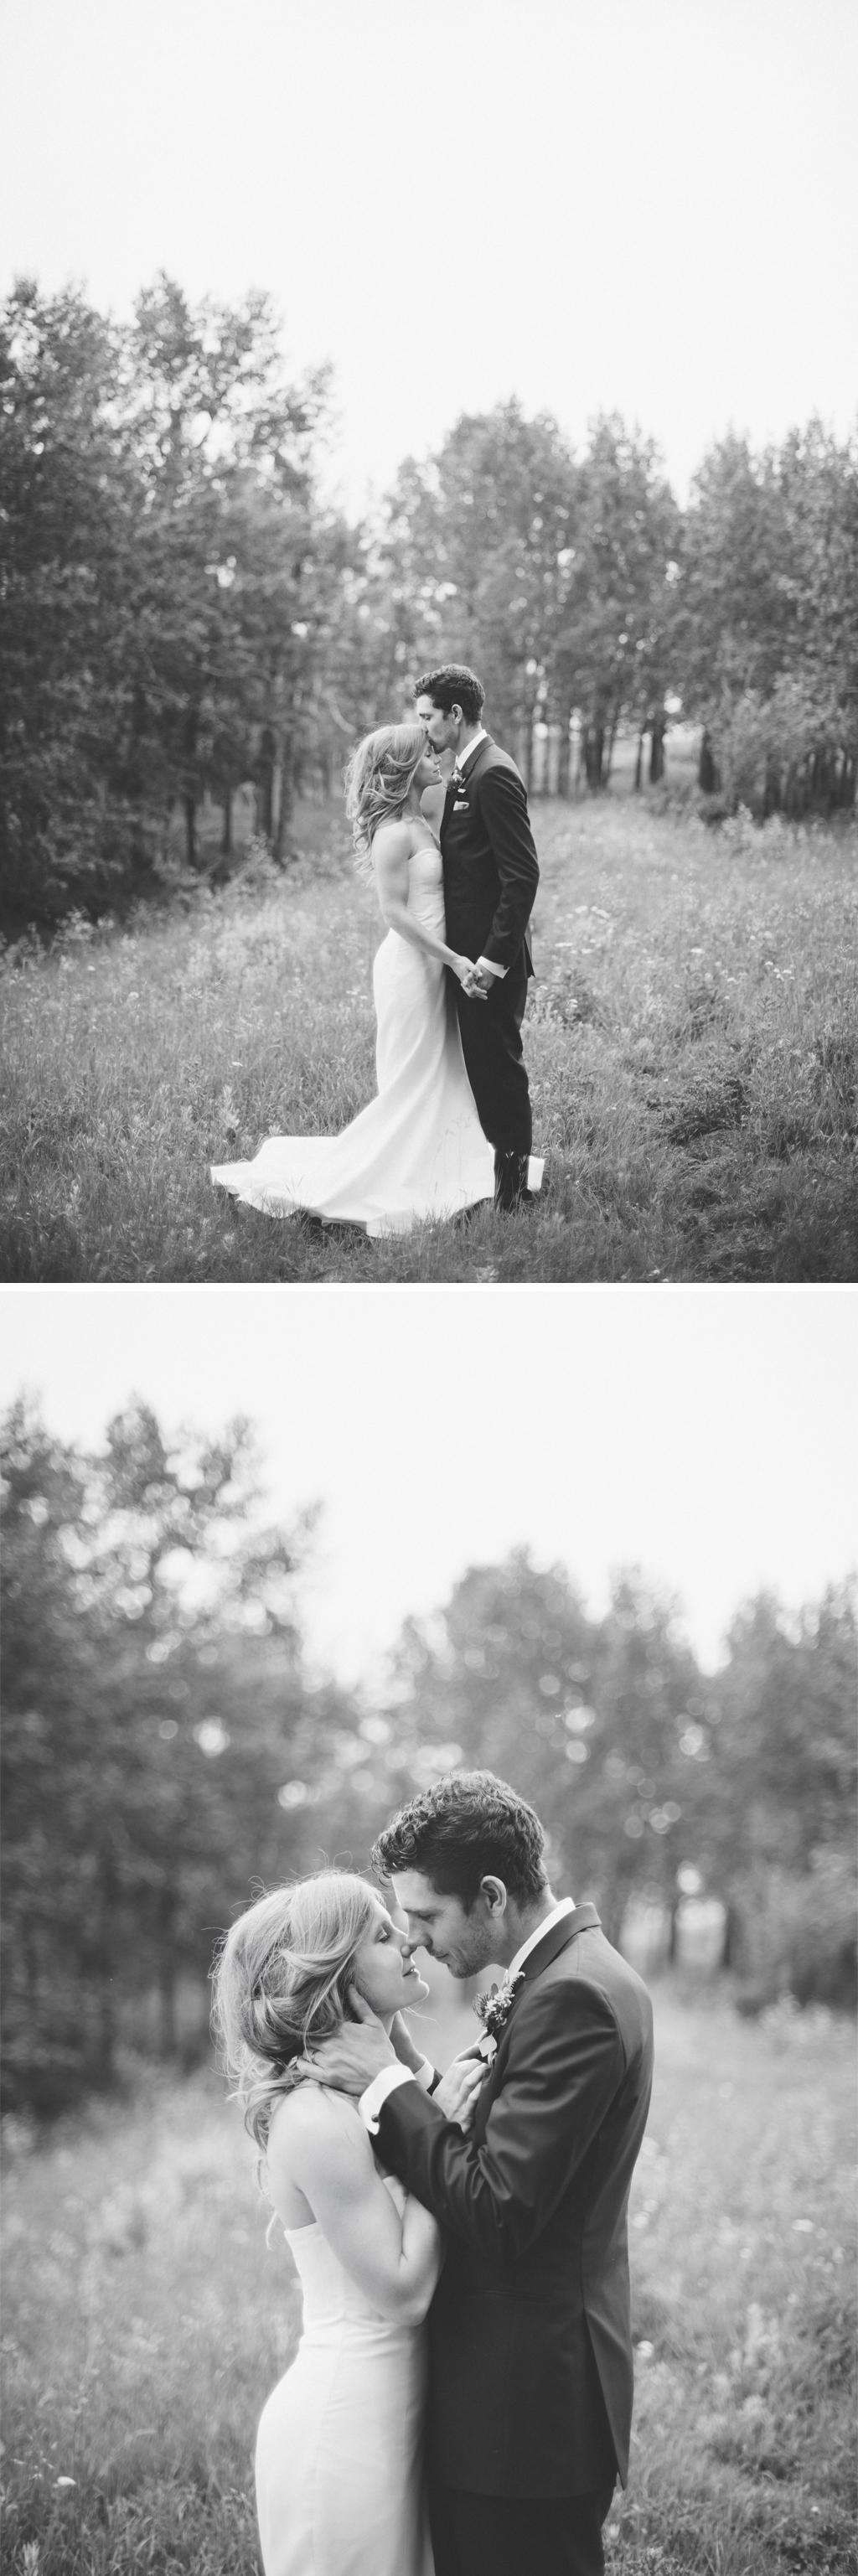 Calgary Wedding Photographer 17